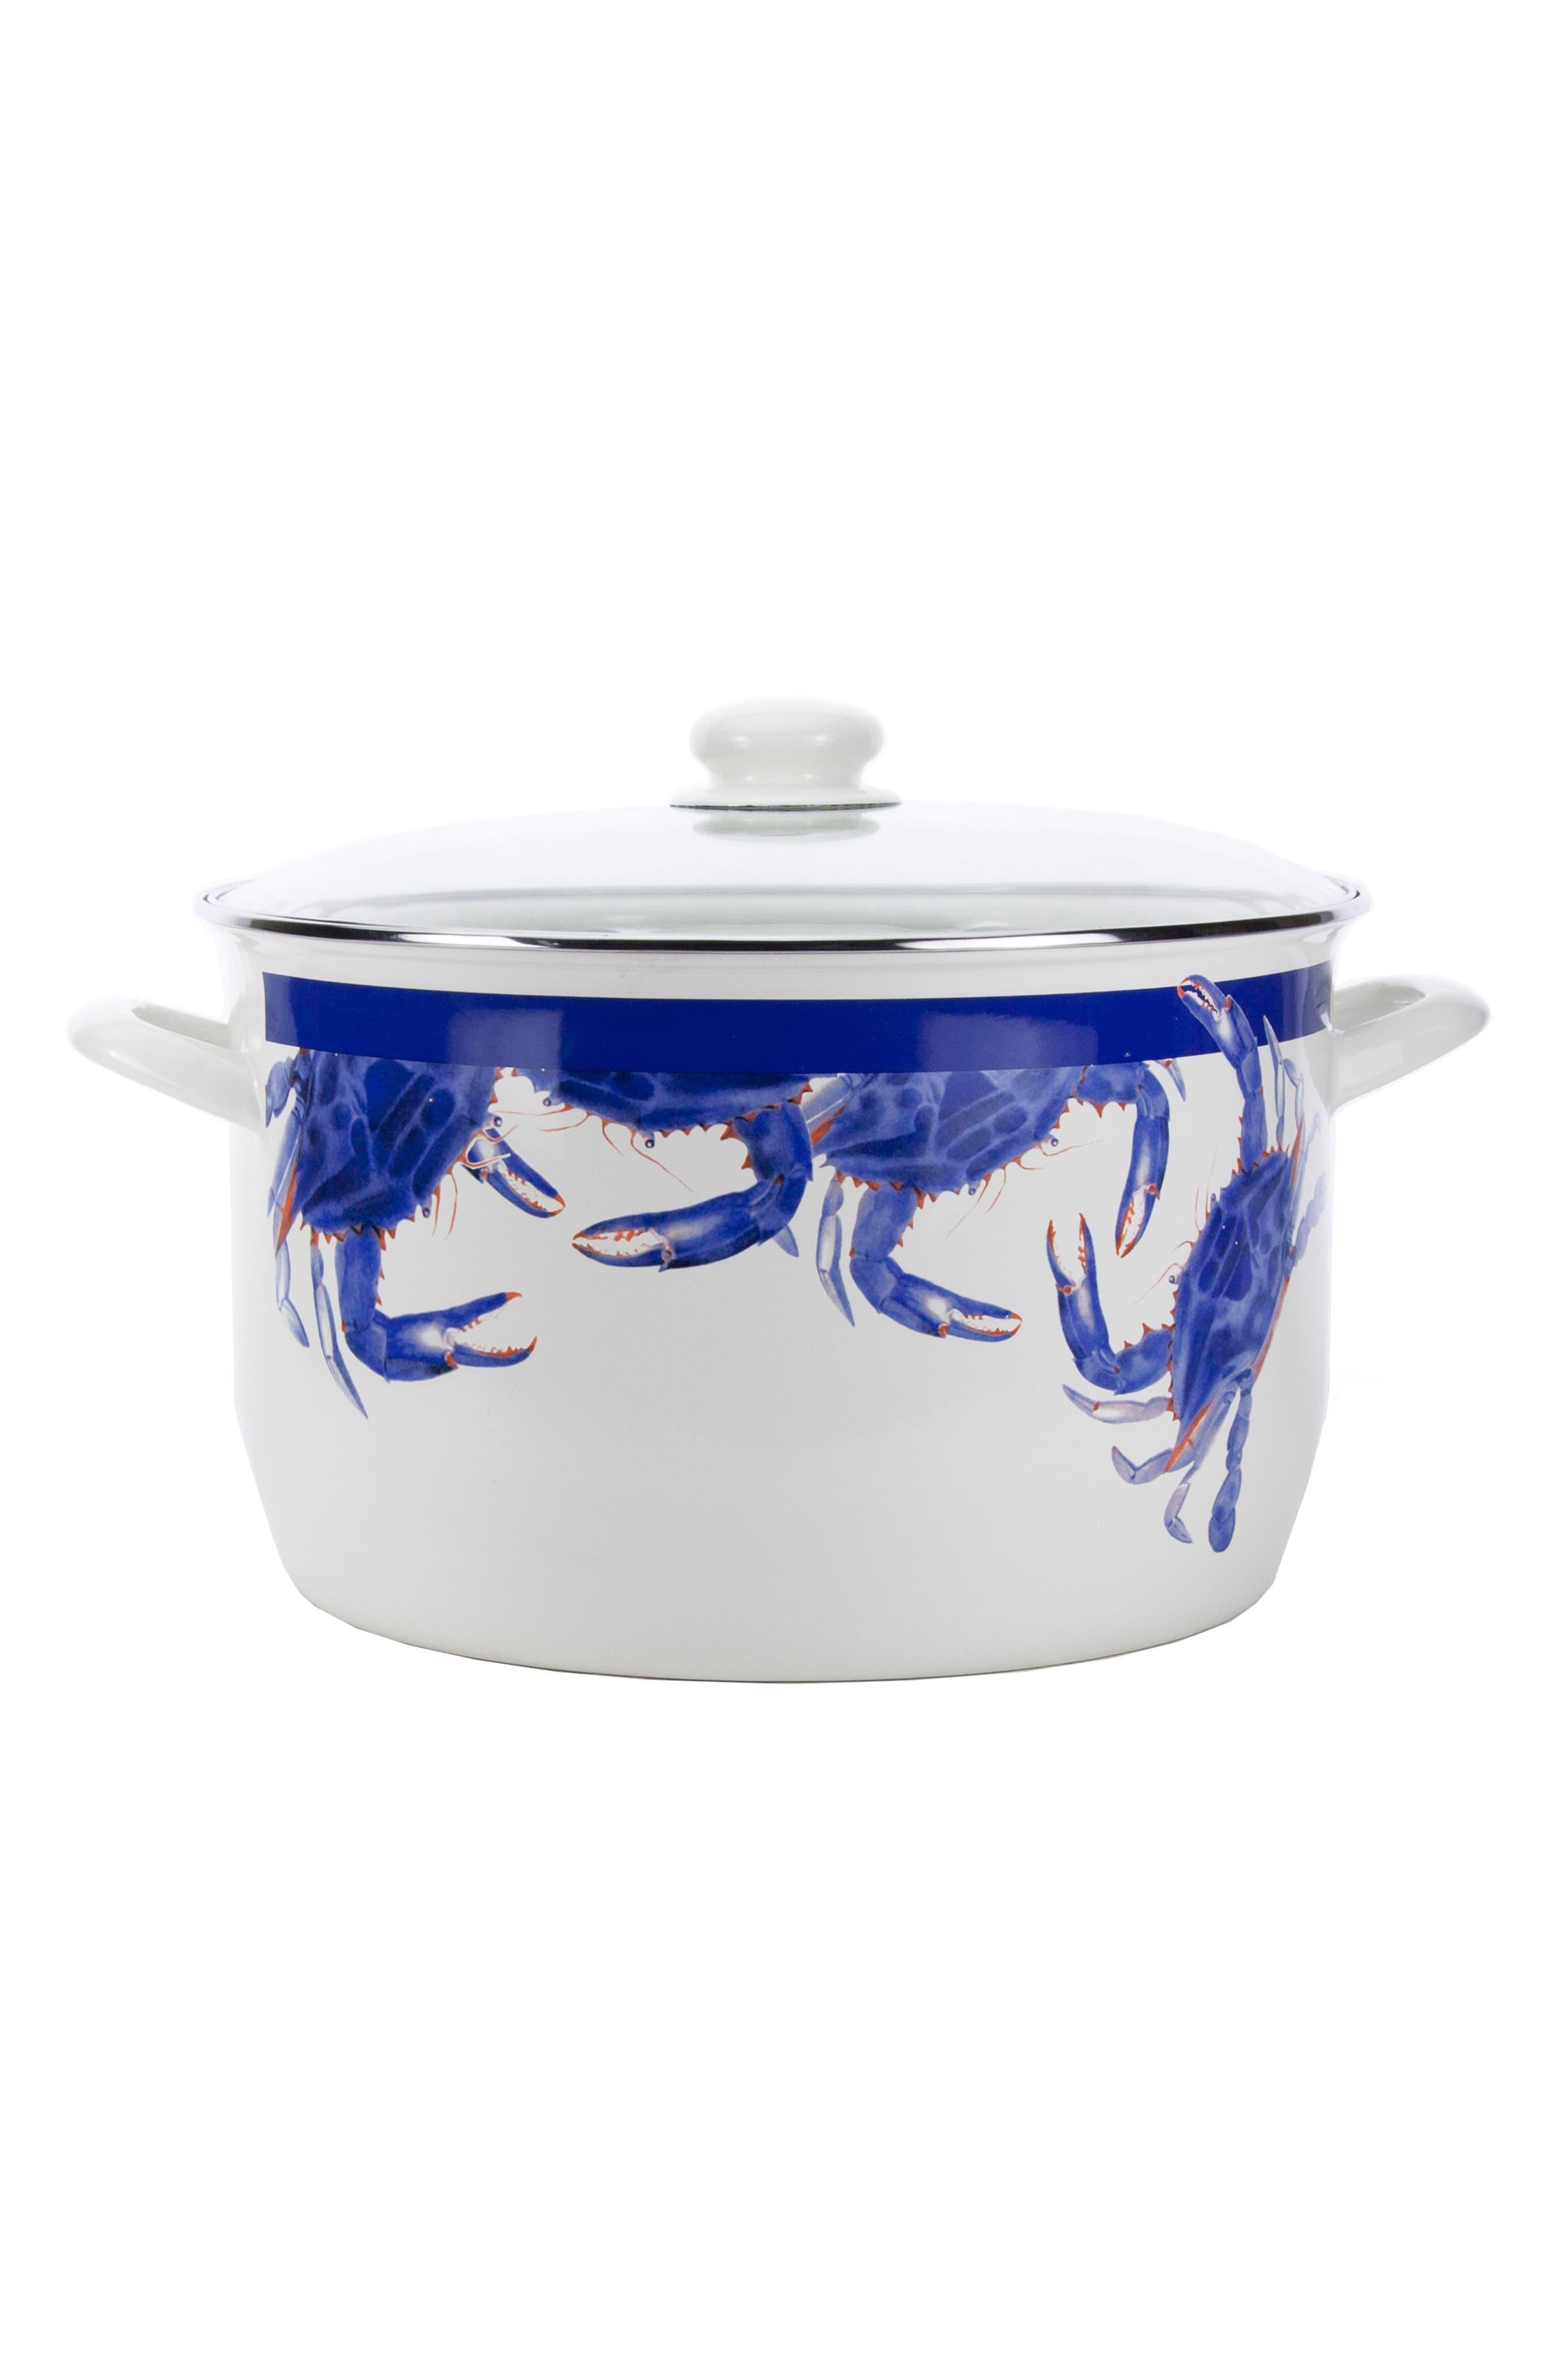 Blue Crab 18-Quart Stock Pot,                             Main thumbnail 1, color,                             Blue Crab